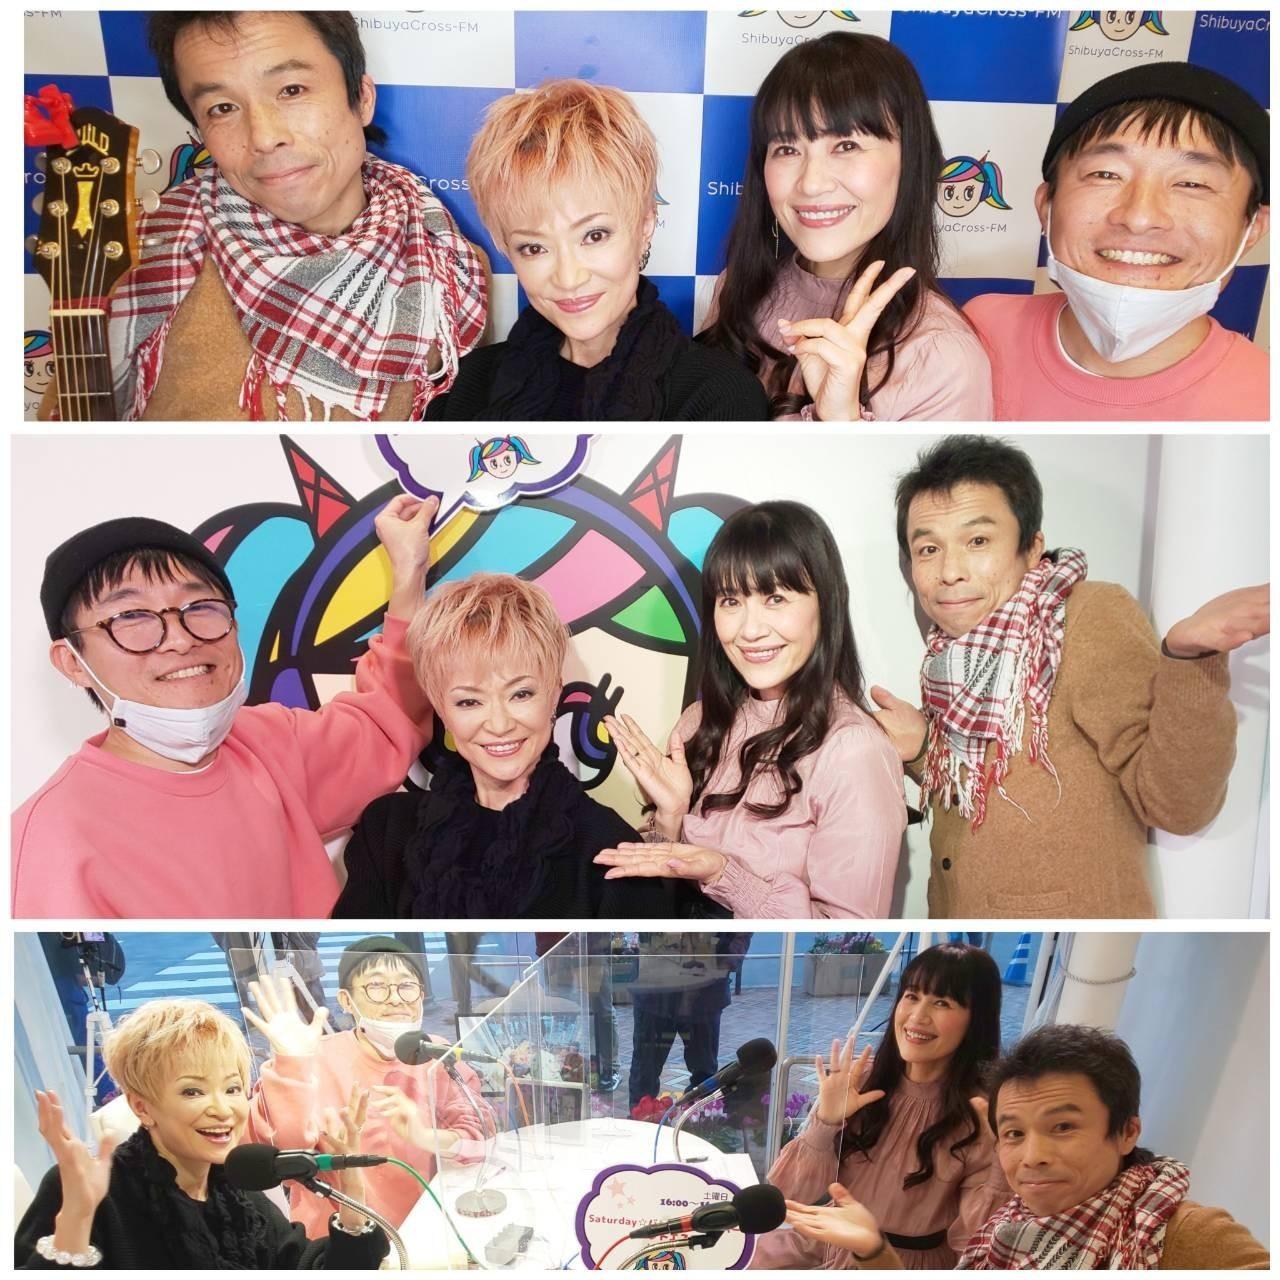 渋谷クロスFMさんの番組へ。楽しかったな!_a0087471_22272429.jpeg